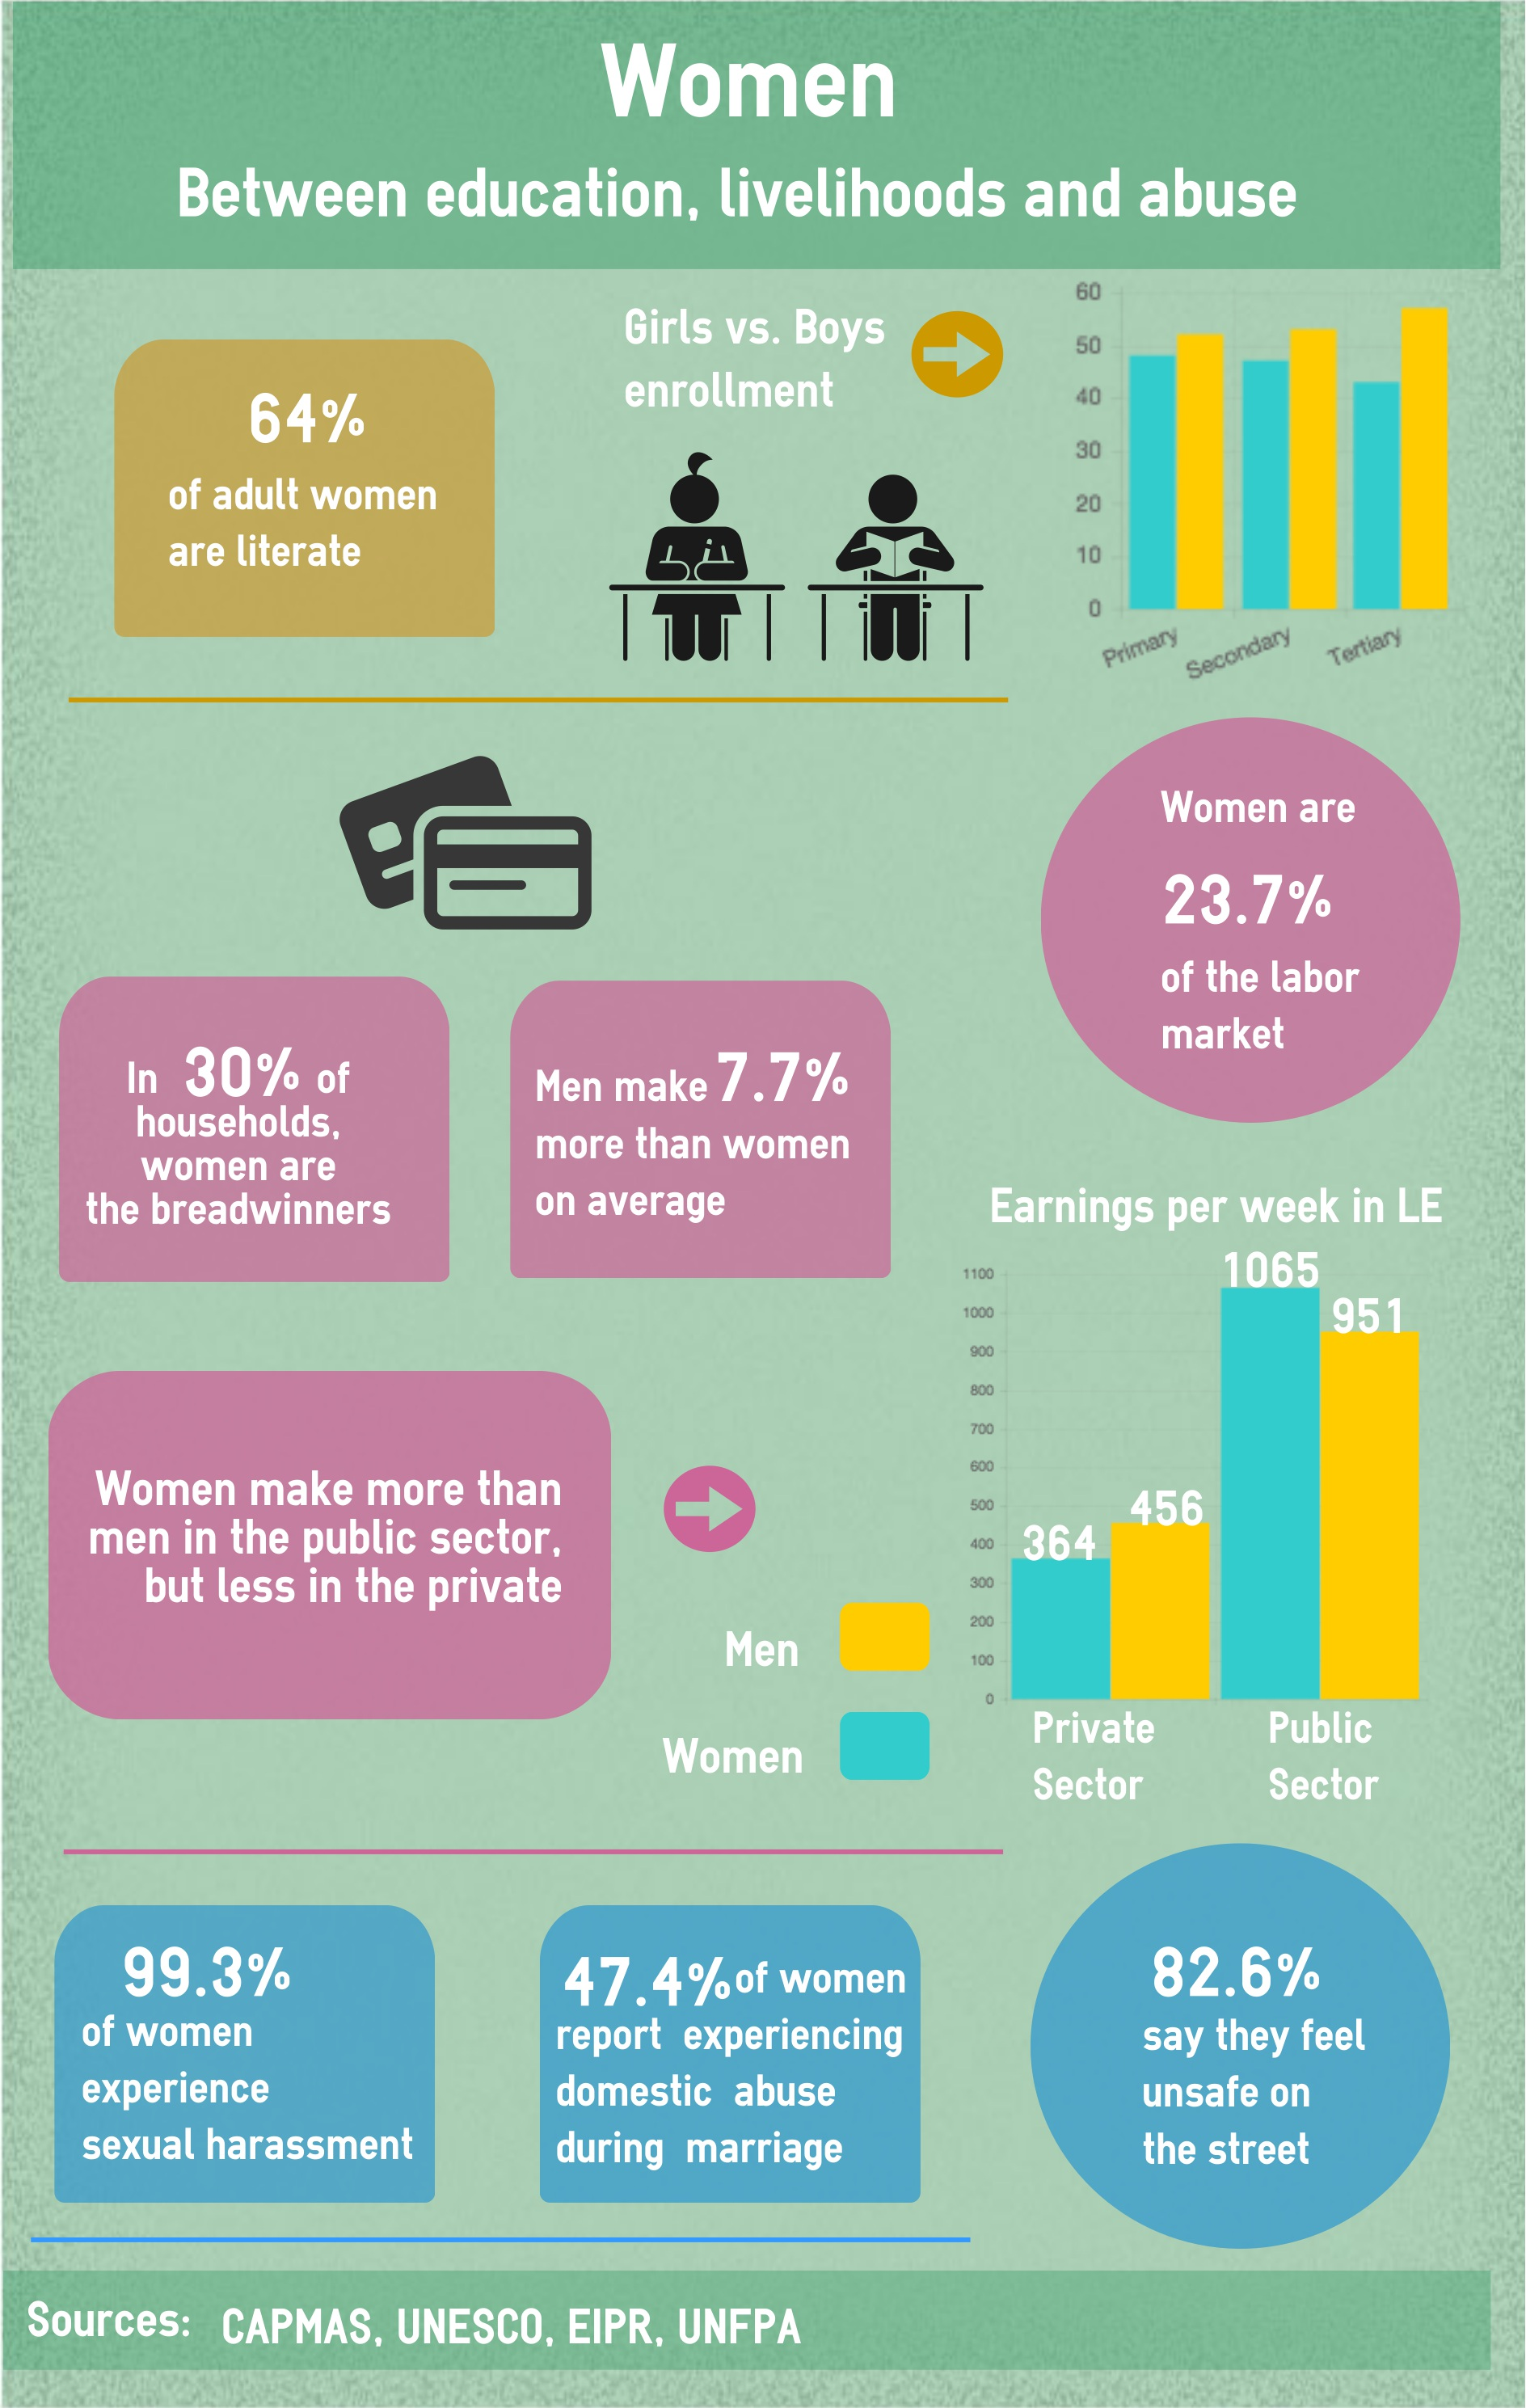 Egyptian Women: Between education, livelihoods and abuse